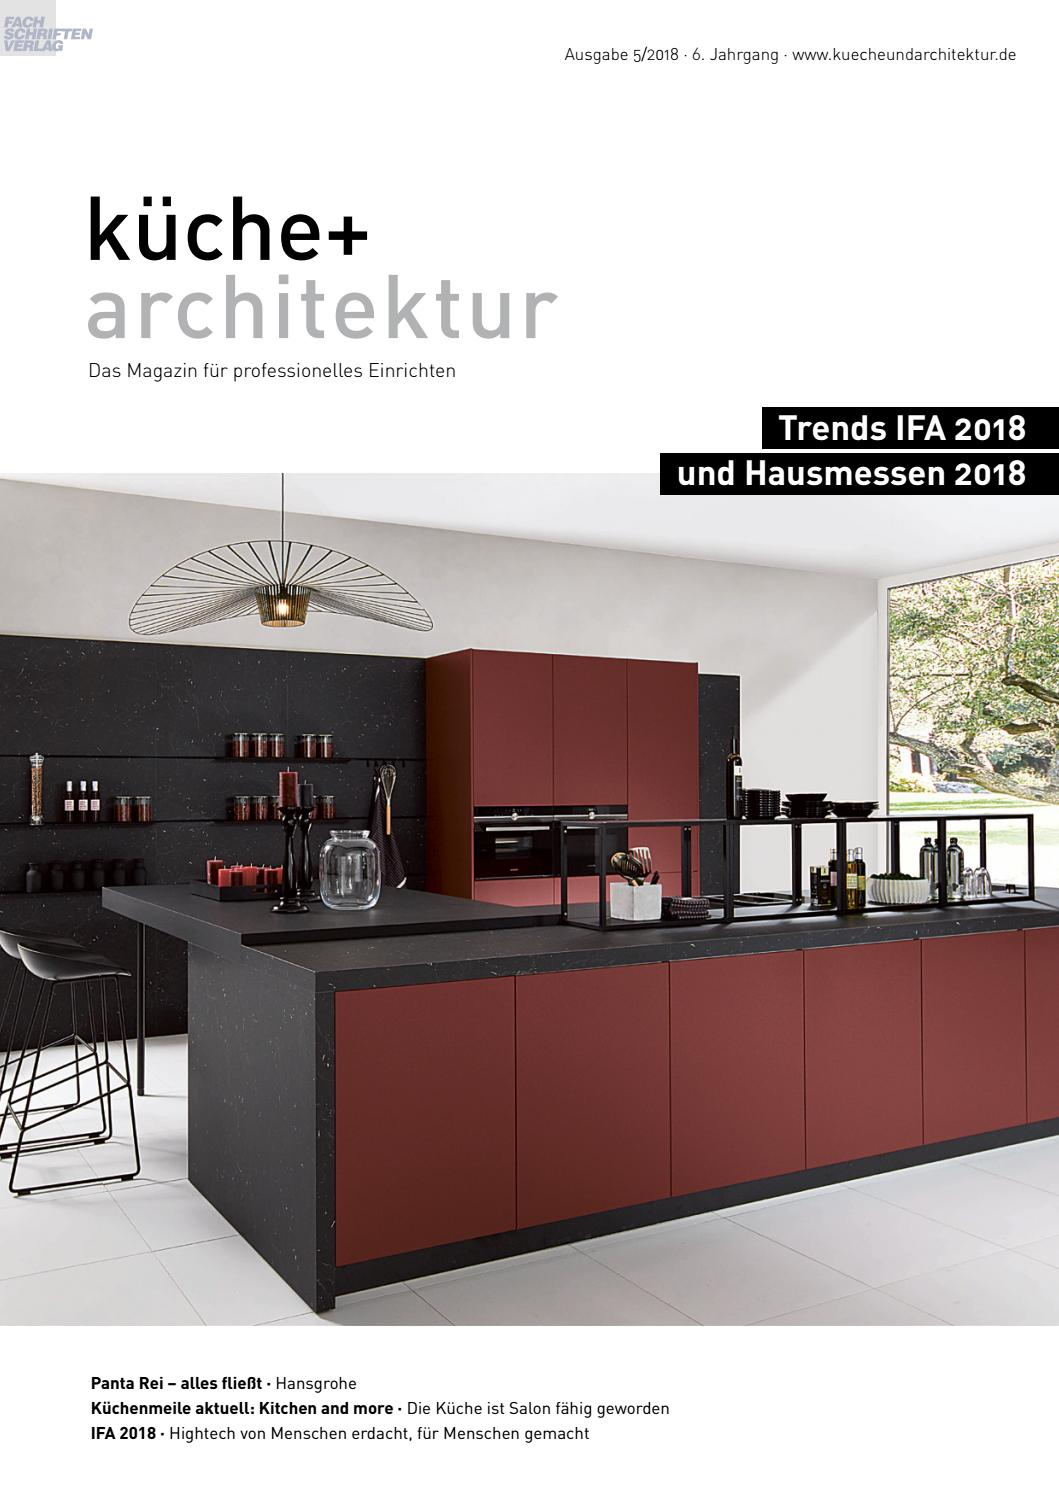 Full Size of Valcucine Küchen Abverkauf Kche Architektur 5 2018 By Fachschriften Verlag Inselküche Bad Regal Wohnzimmer Valcucine Küchen Abverkauf